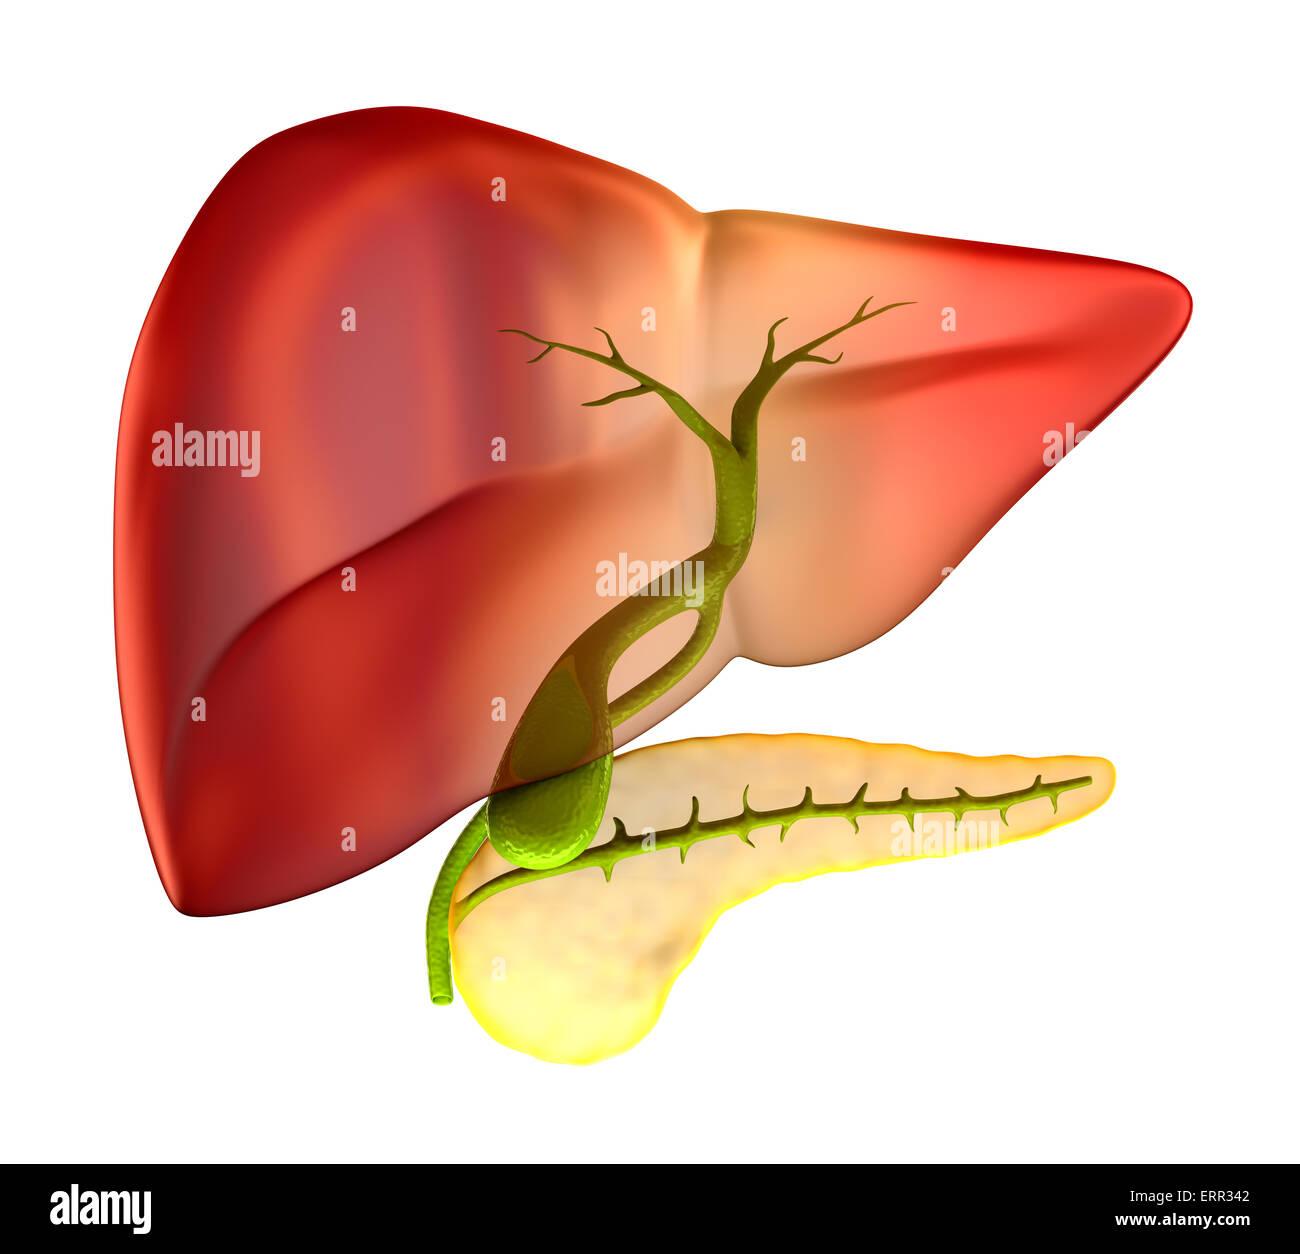 Sección transversal de la Vesícula biliar Anatomía Humana Real ...